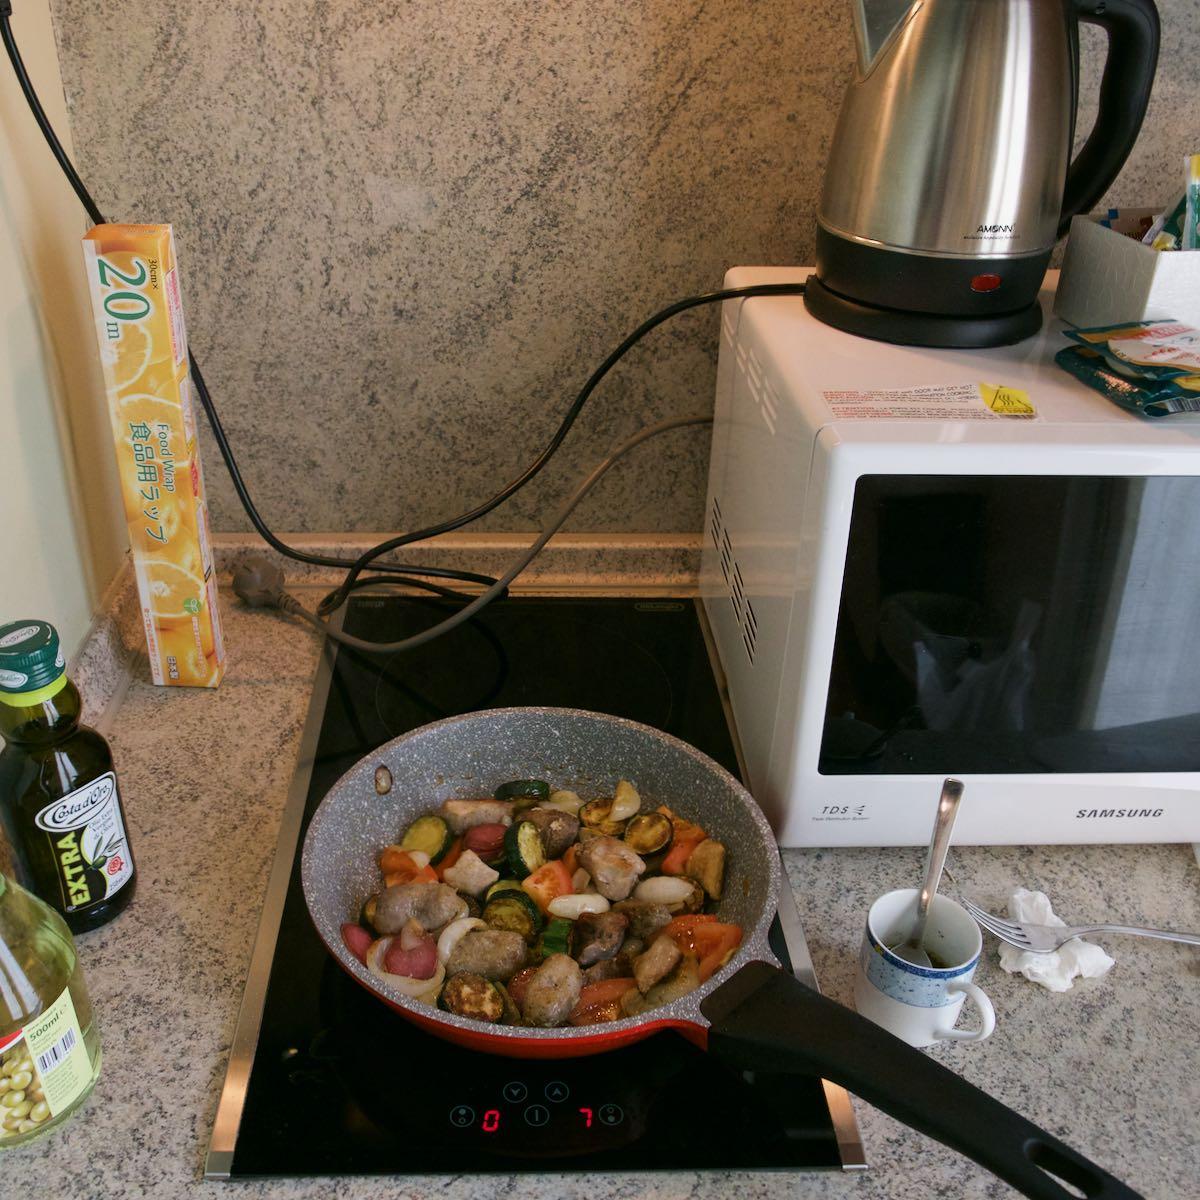 ズッキーニ、玉ねぎ、トマトを炒め、デリカで買った肉と合わせる